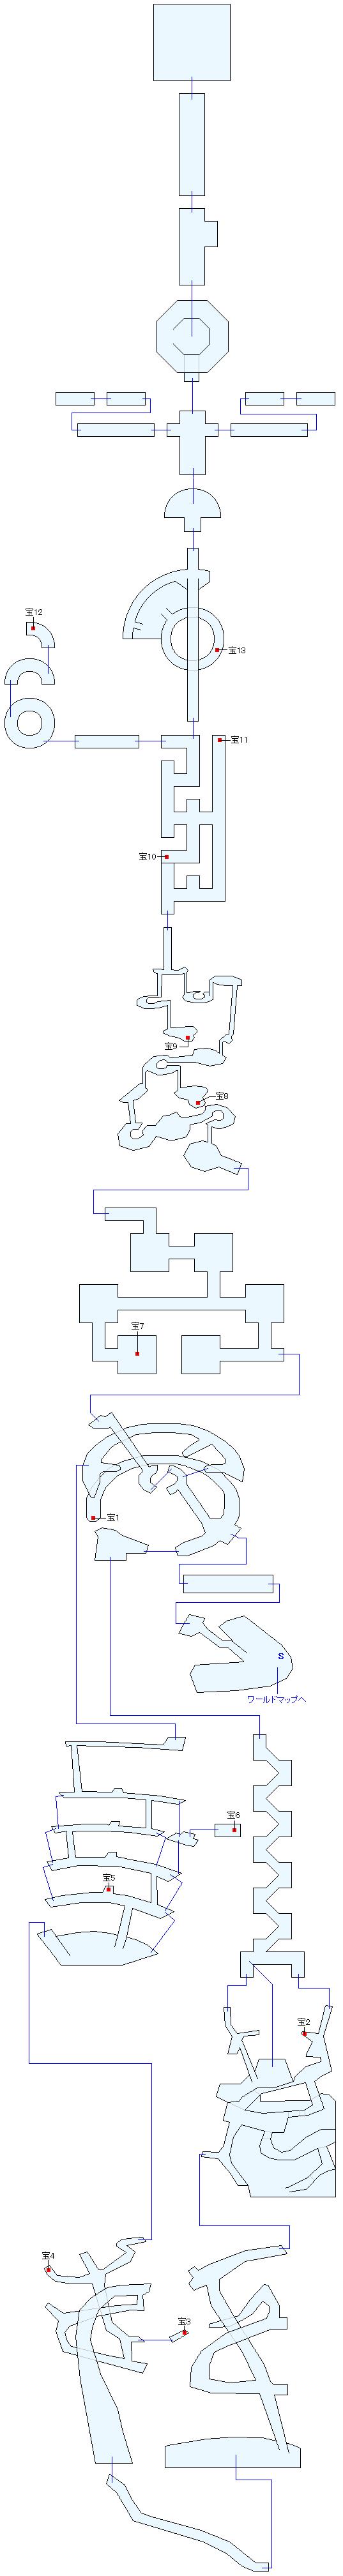 星の塔マップ画像